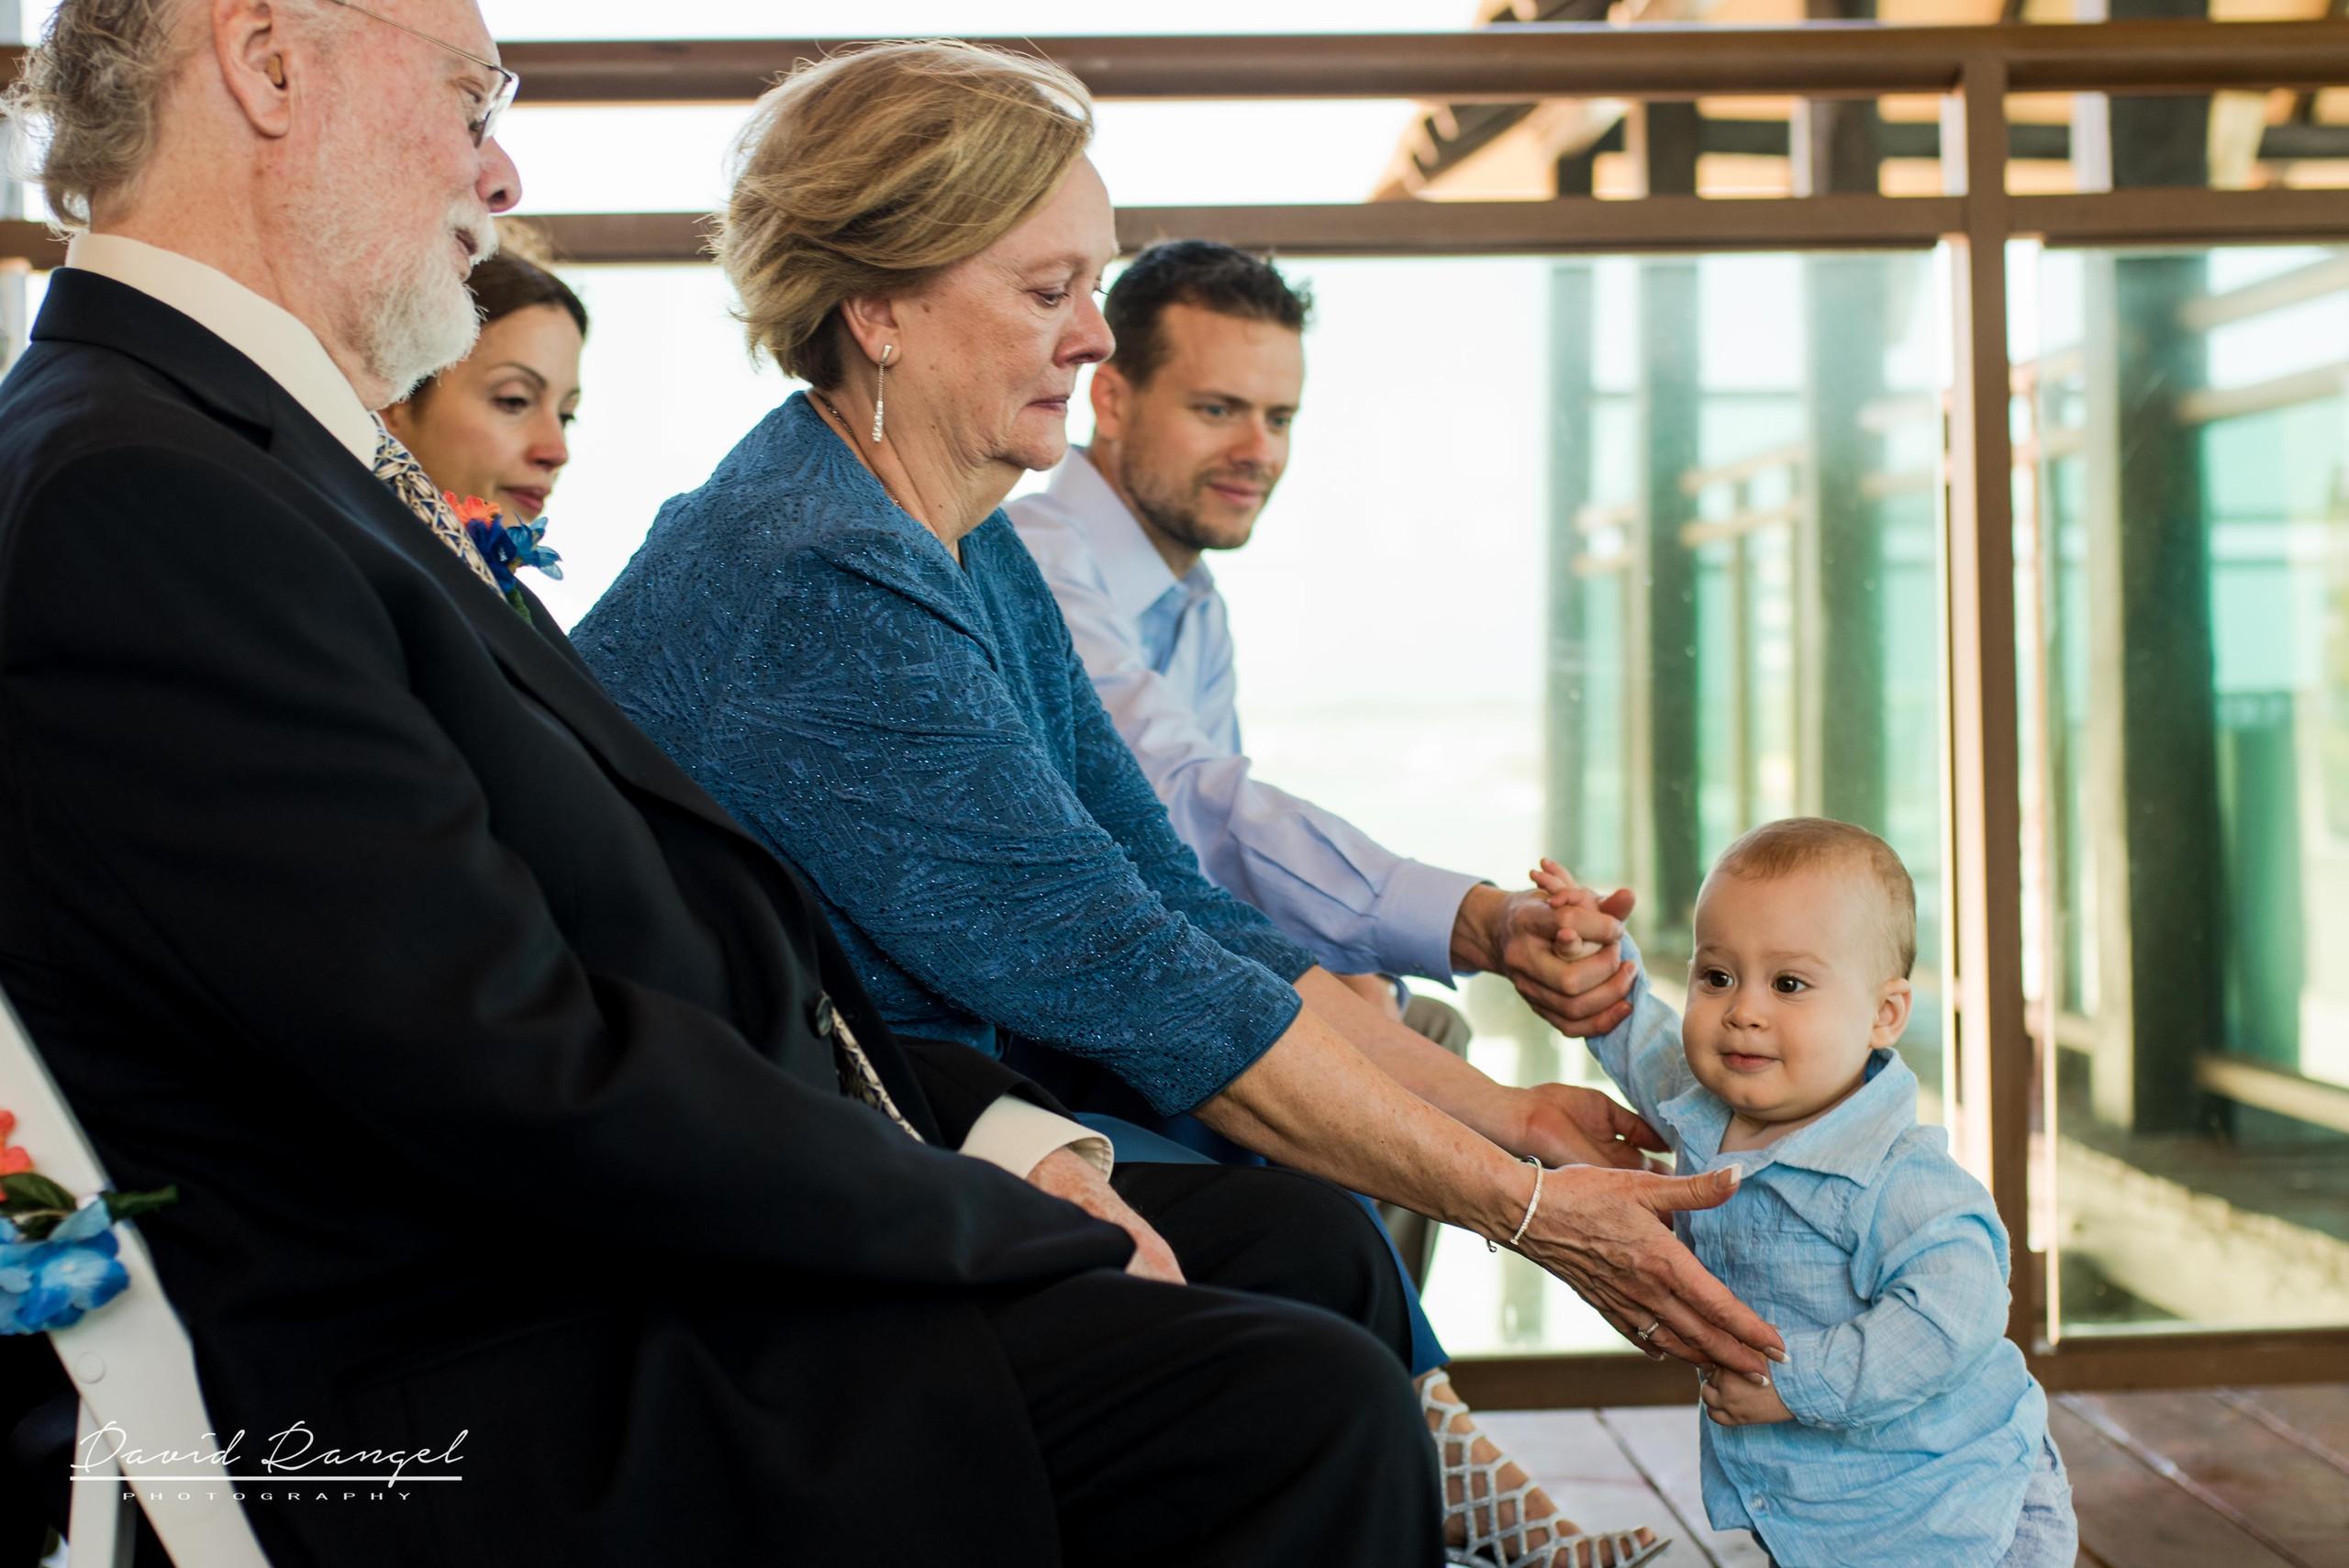 kid+child+wedding